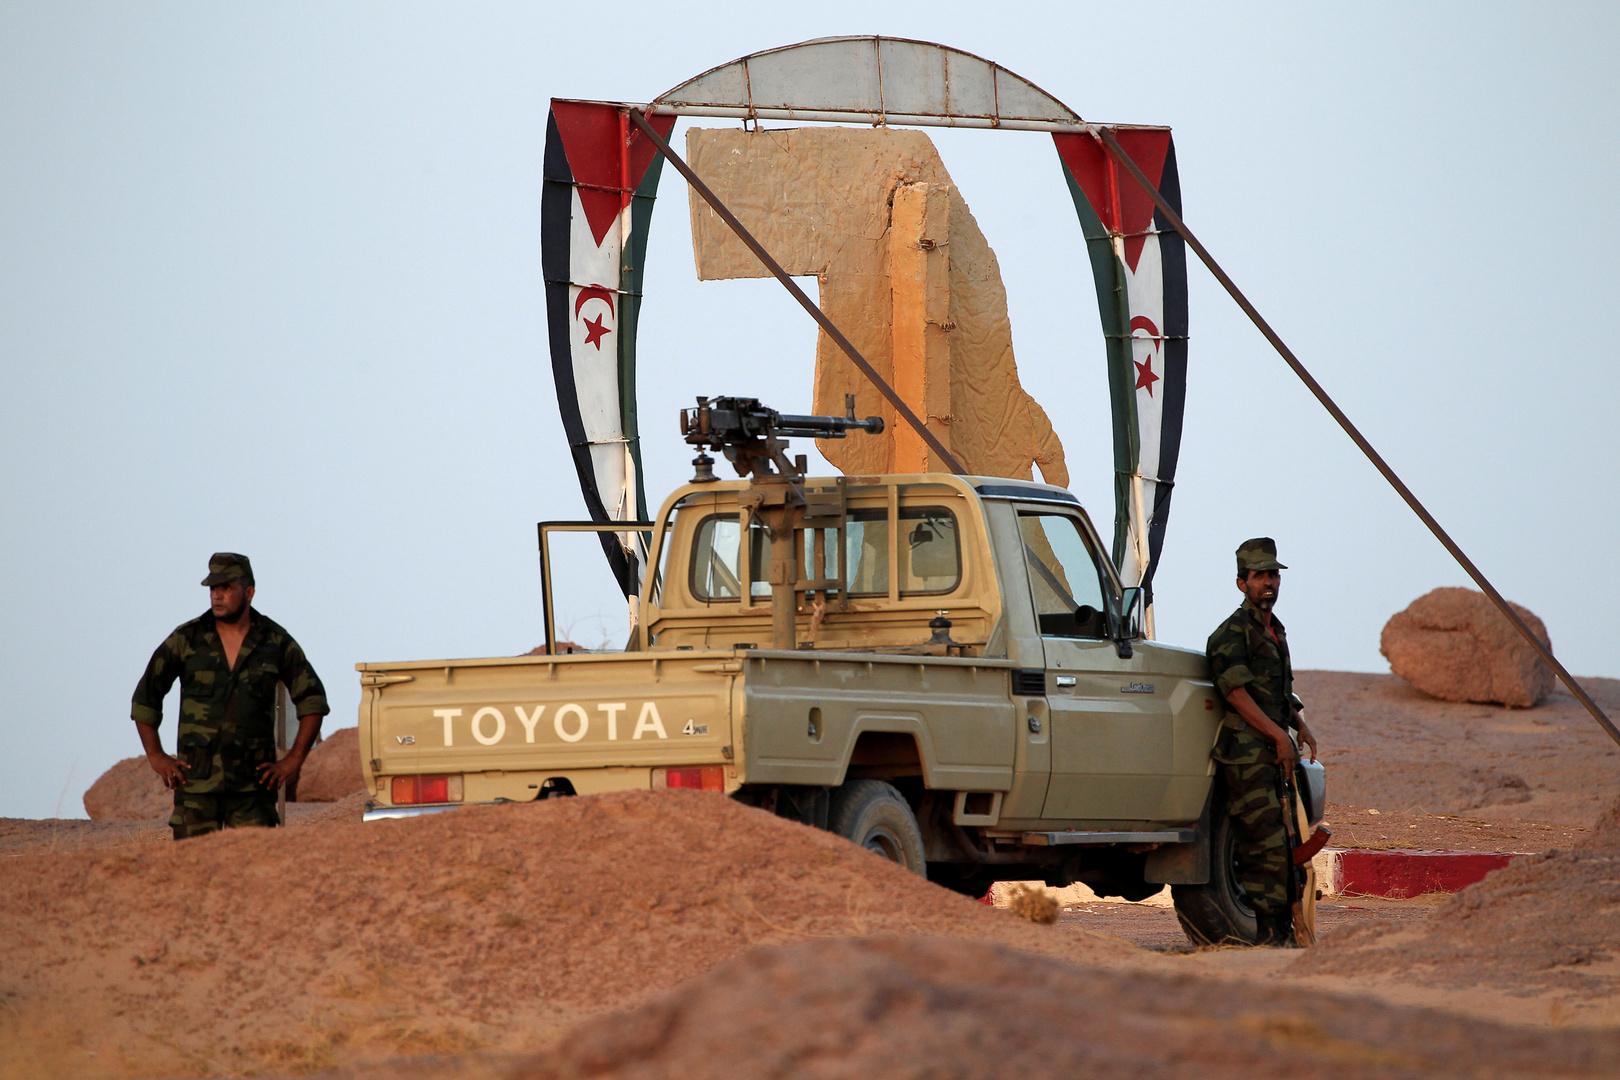 عناصر وآلية تابعة لجبهة البوليساريو